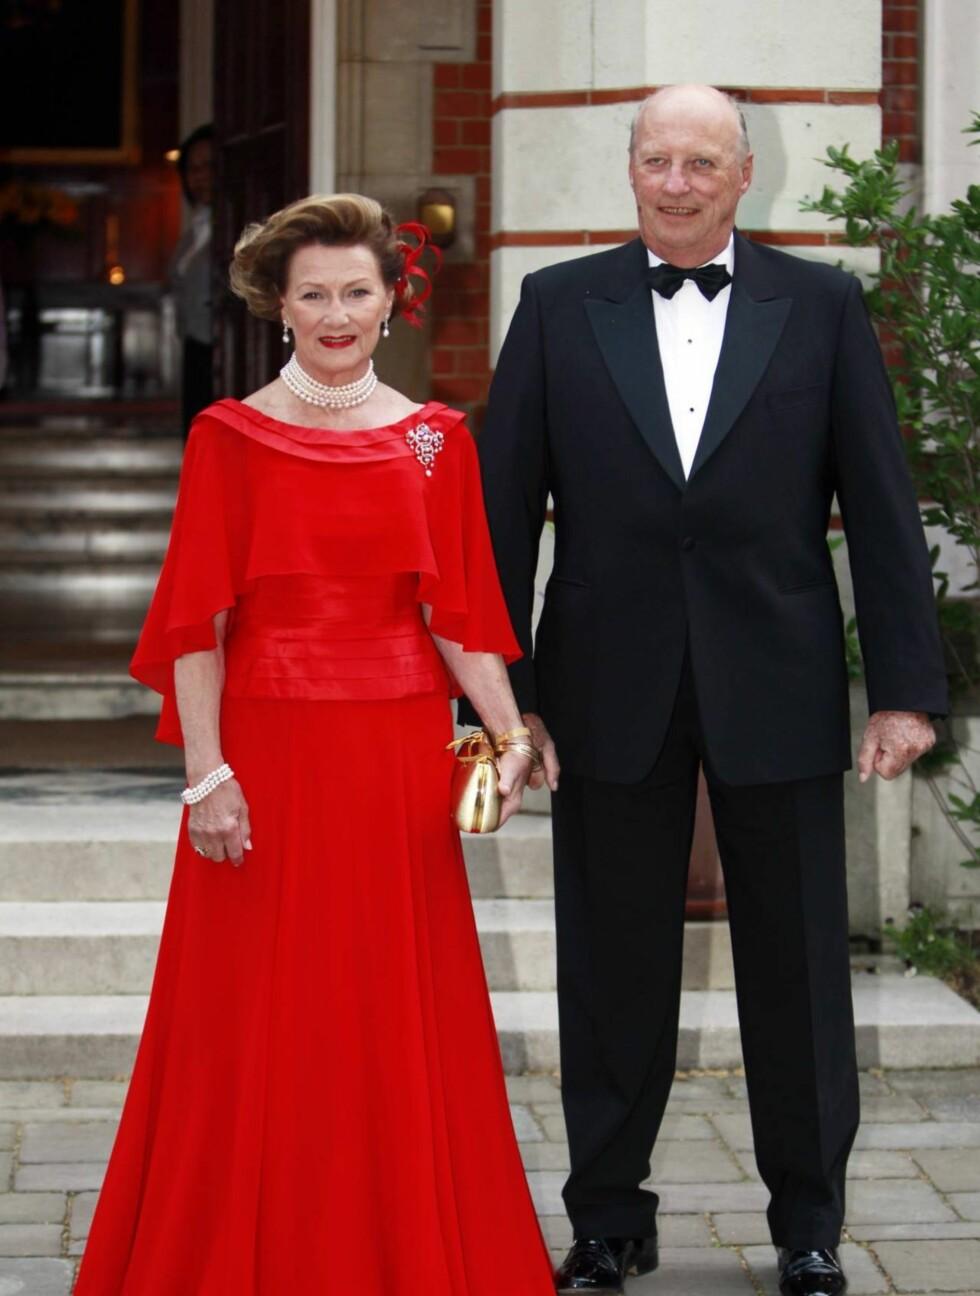 PÅ FEST I RØDT: Dronning Sonja og Kong Harald. Foto: Scanpix